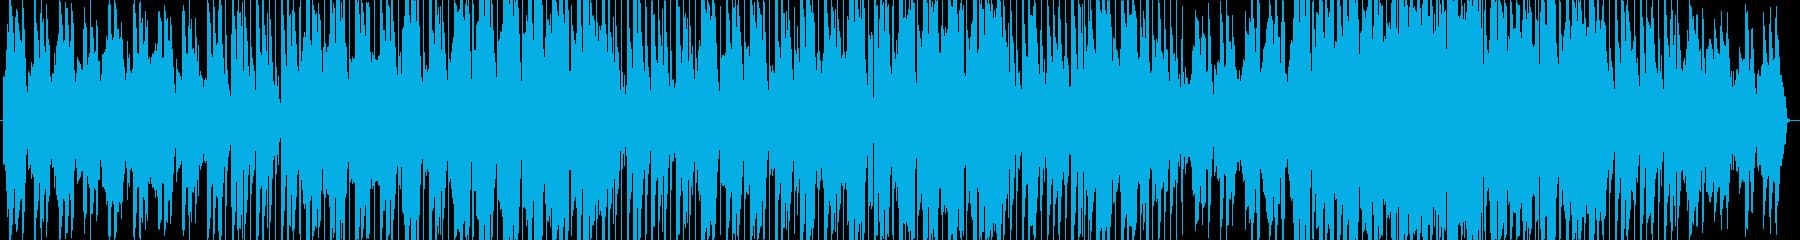 女性の柔らかい声のバラードの再生済みの波形